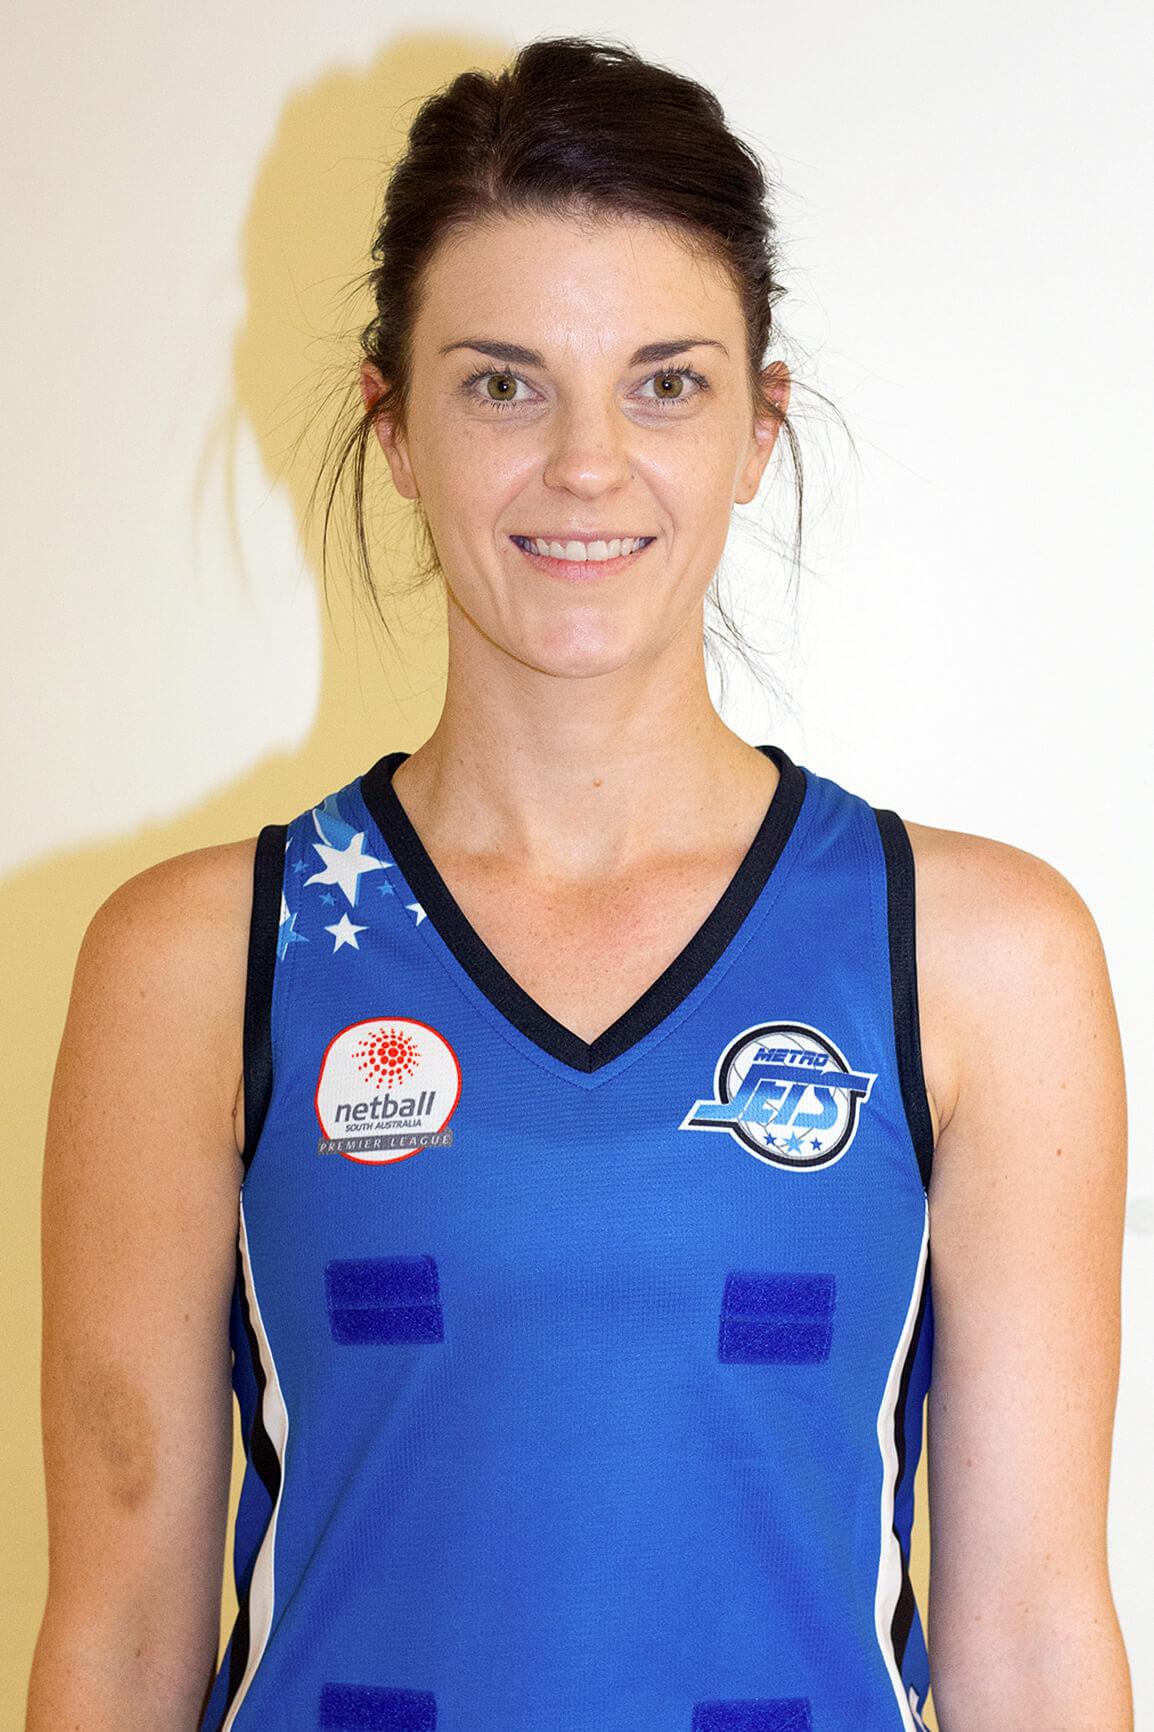 Natasha Purdey